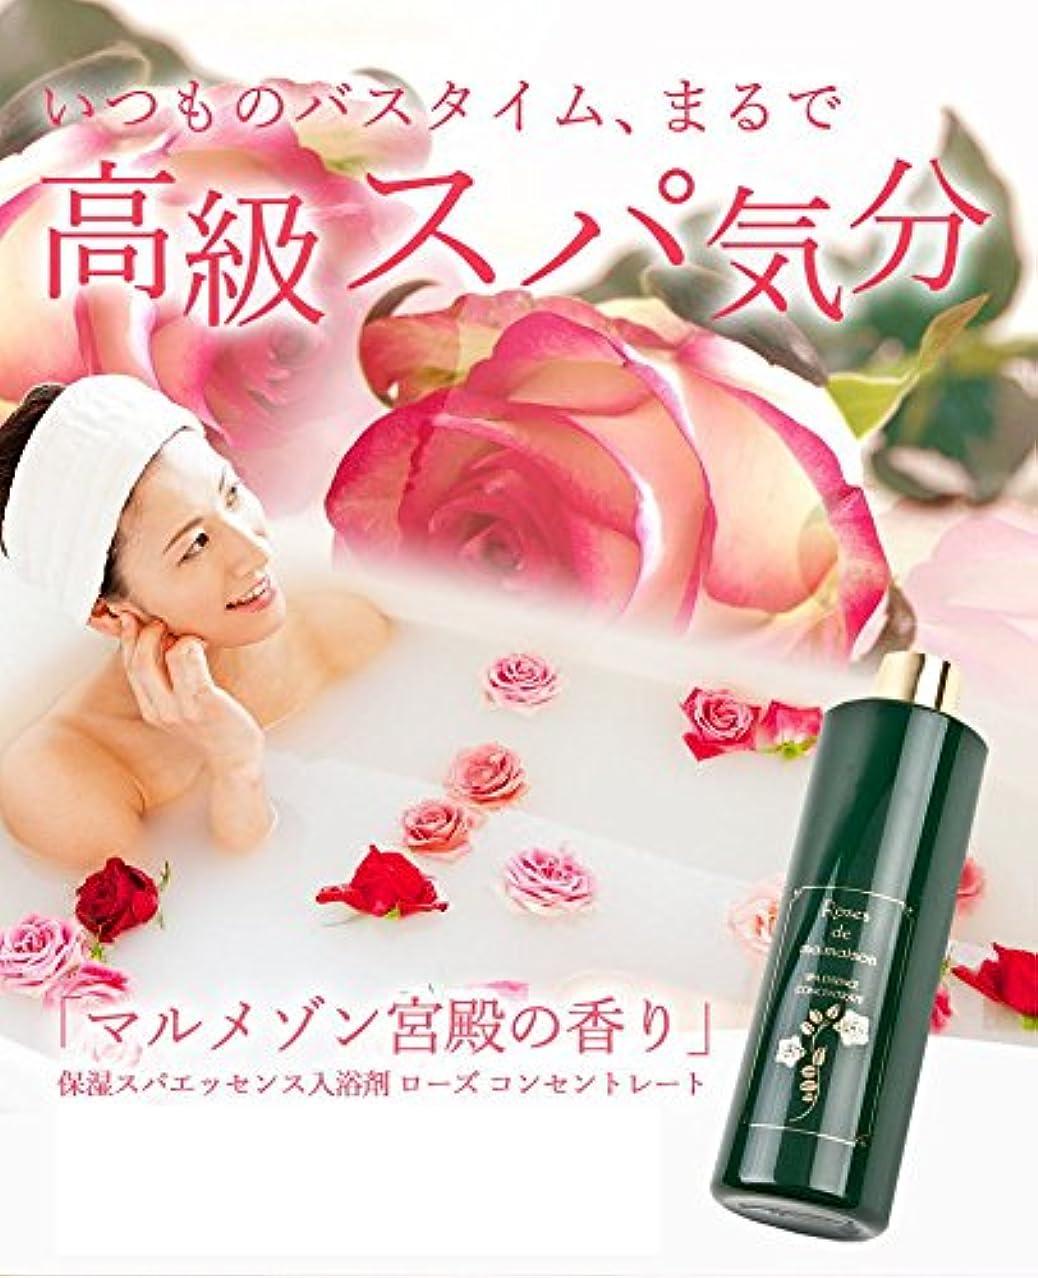 有名値下げ鉄道ローズドマルメゾン スパエッセンス コンセントレート バラの香りの入浴剤 天然ローズの香り 高級スパのような入浴剤